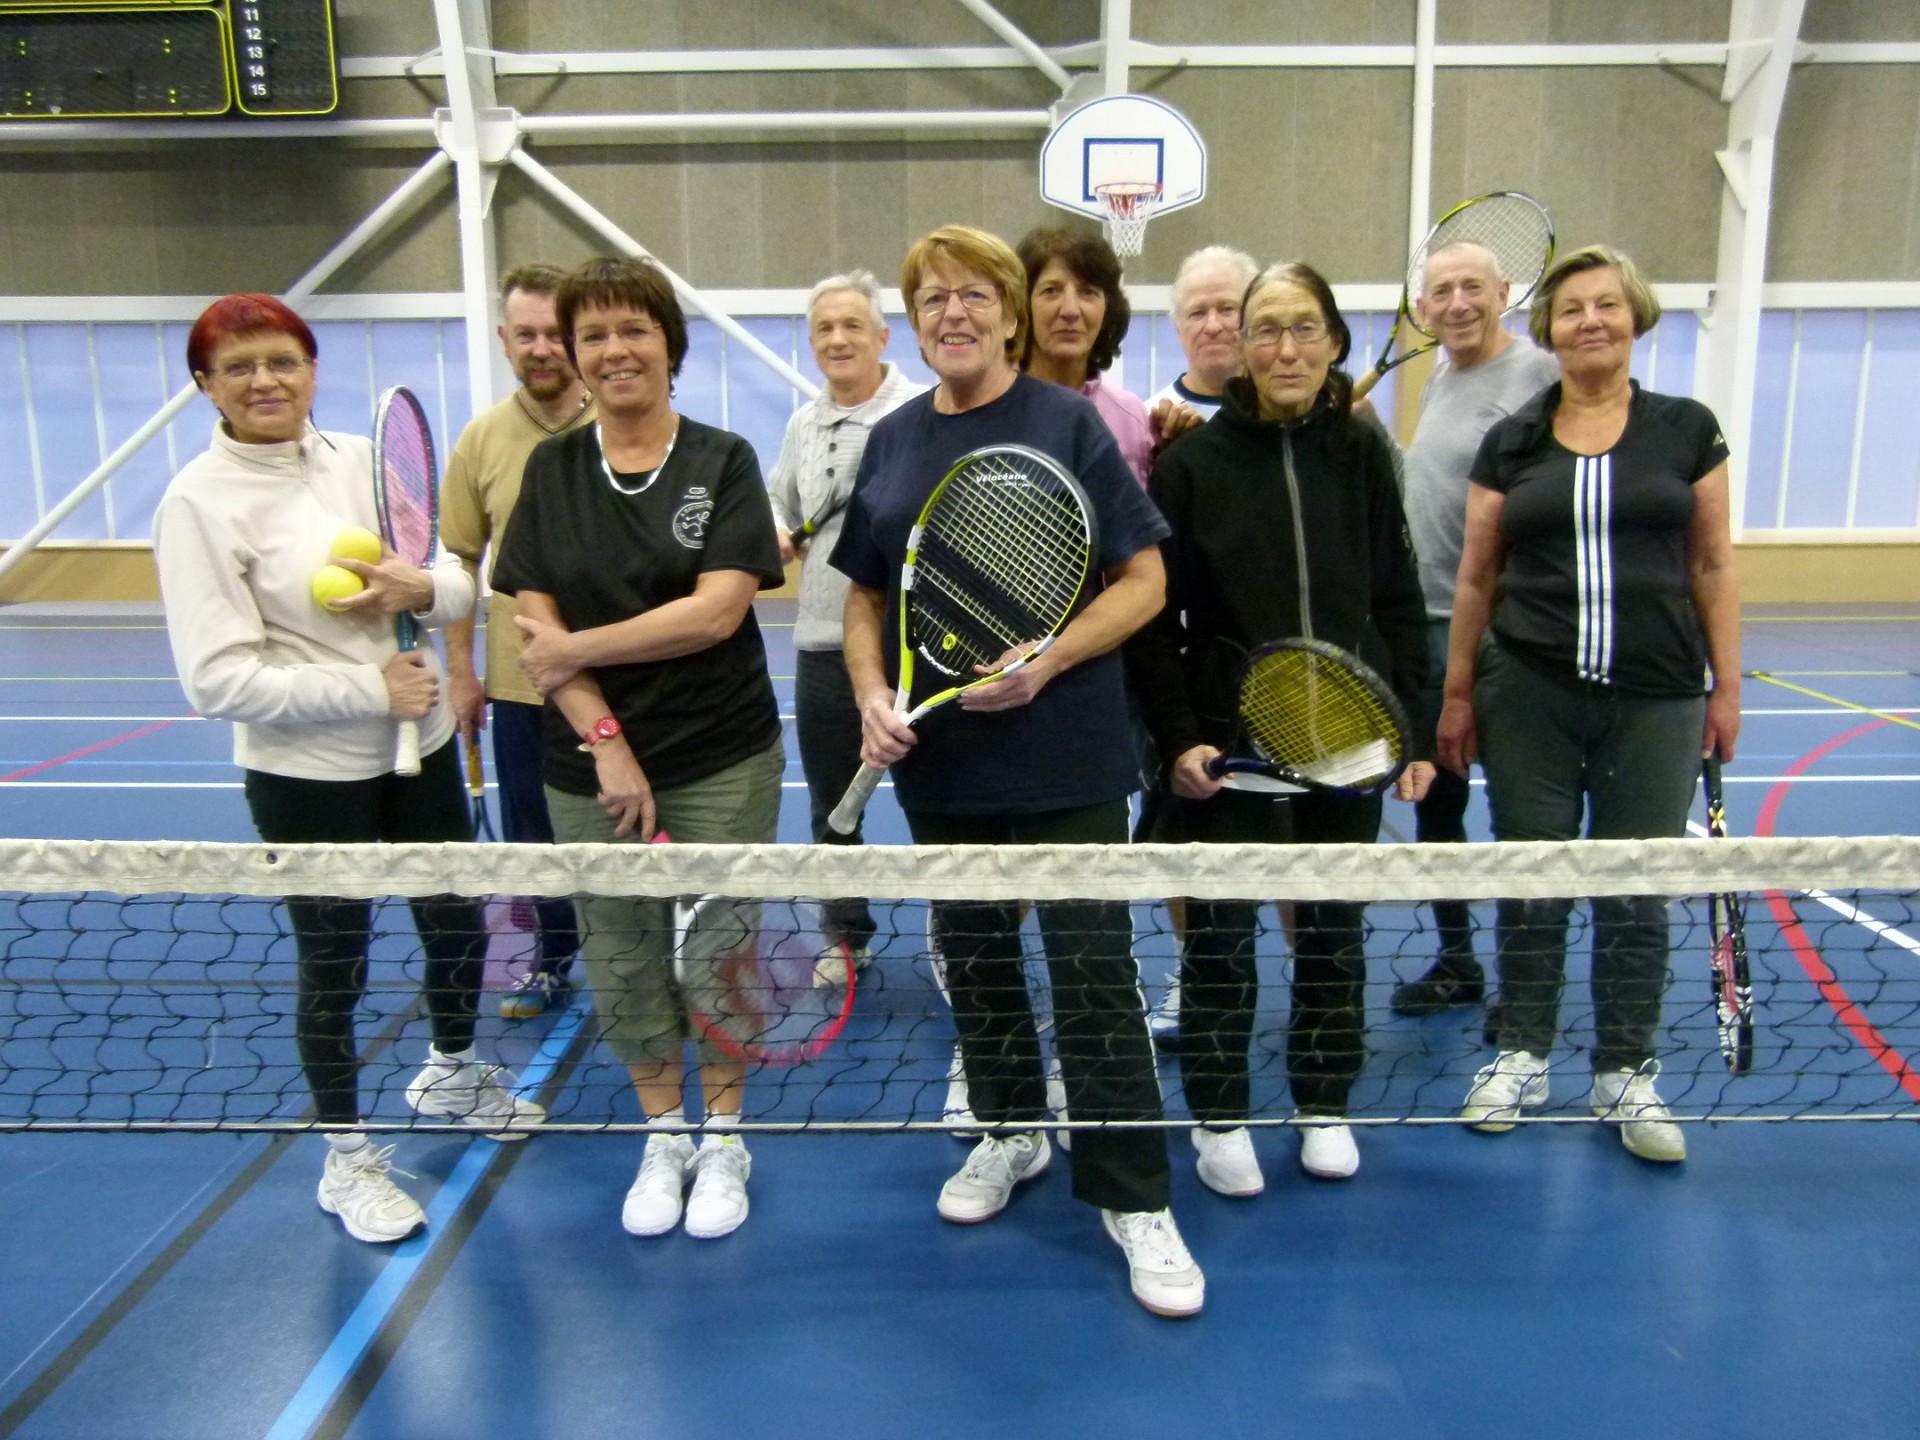 amls-badminton-2-171570